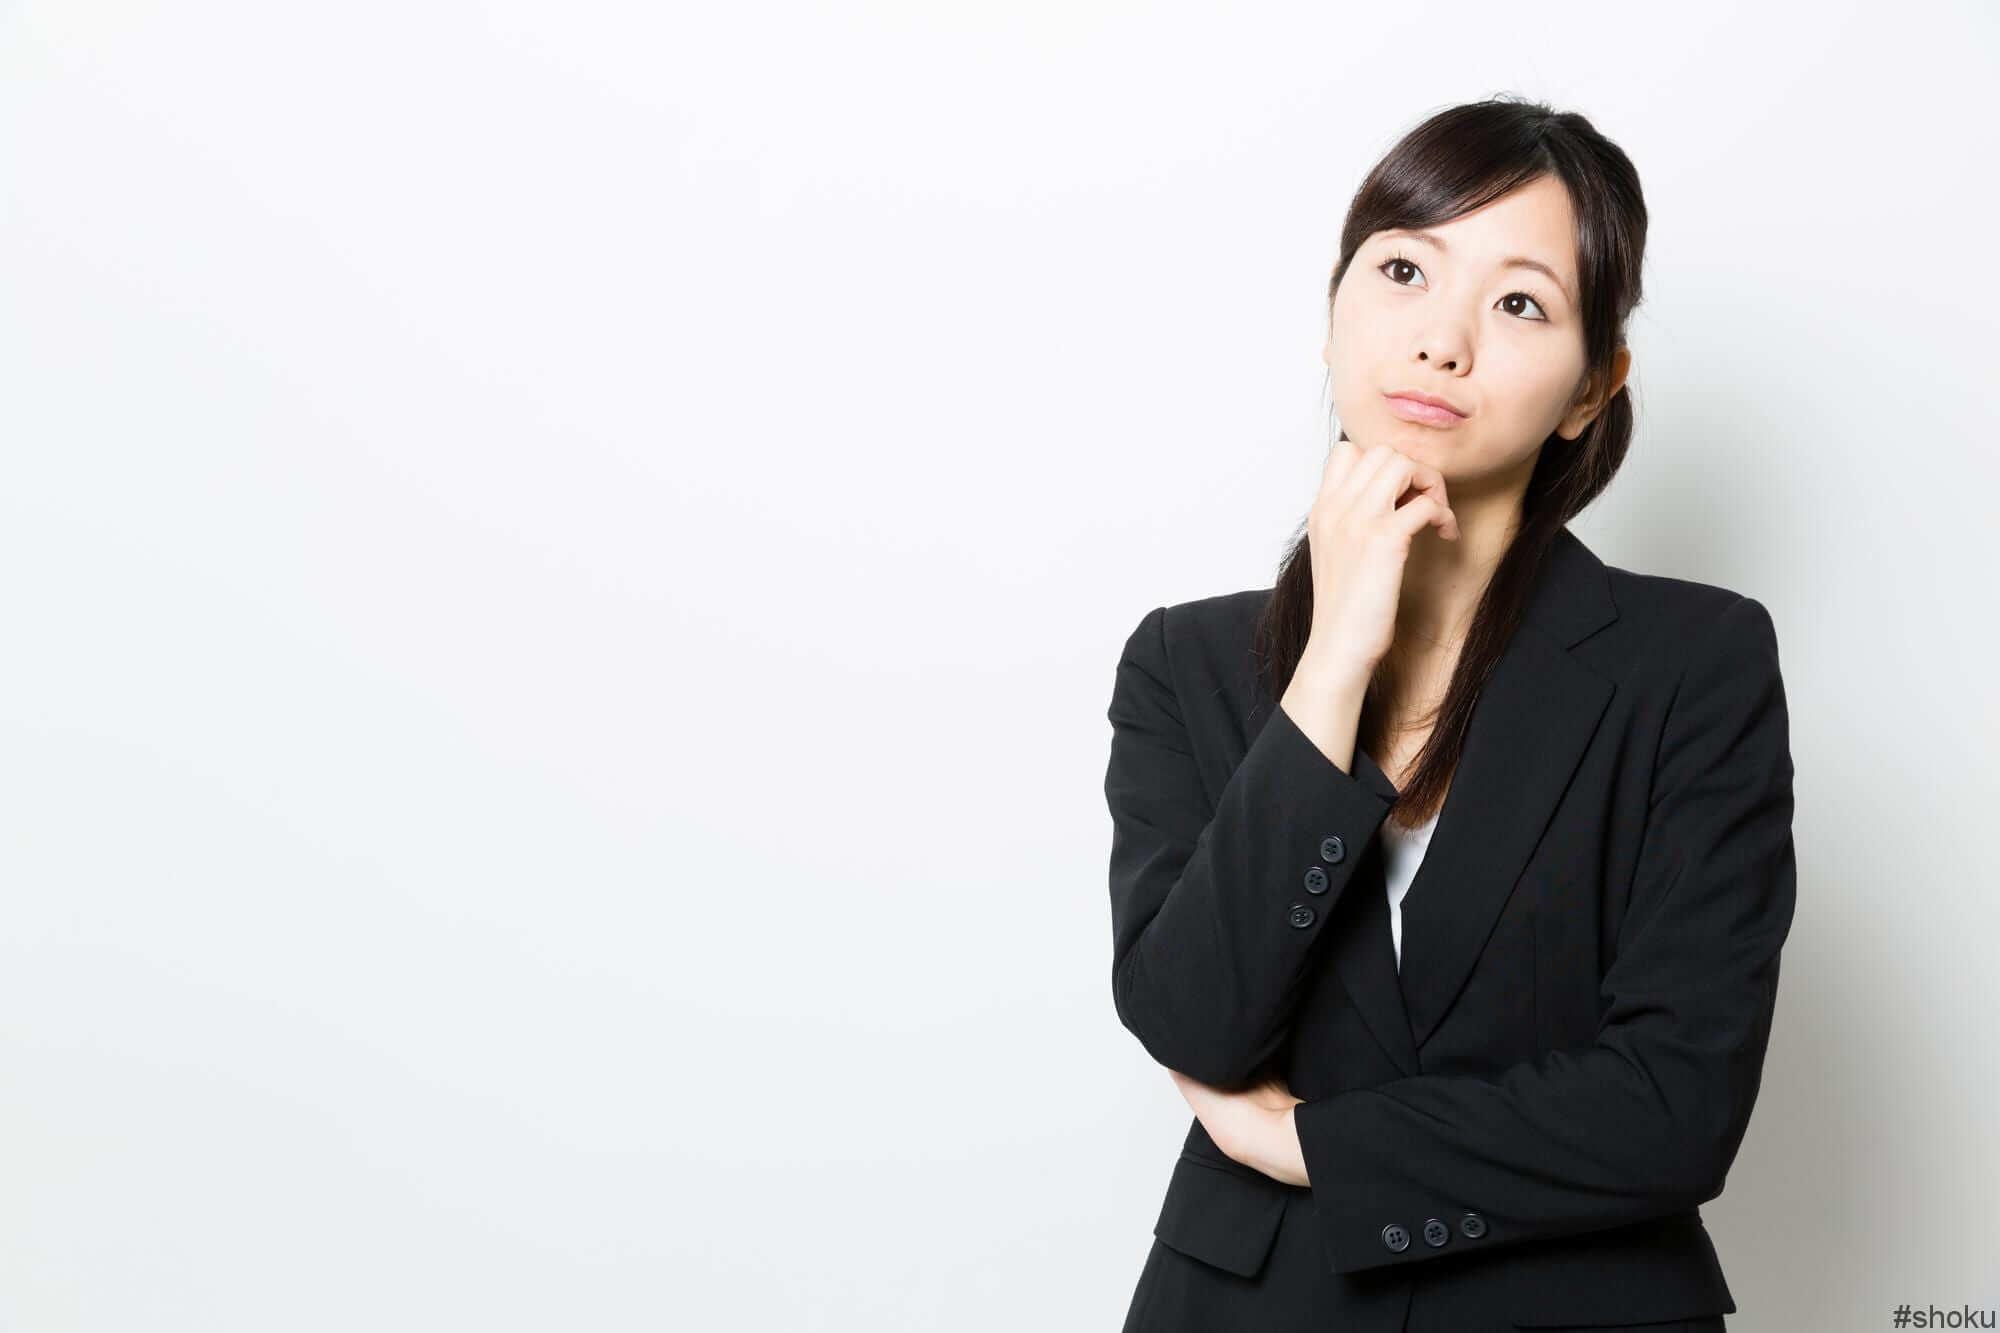 データ入力の業務形態について考える女性